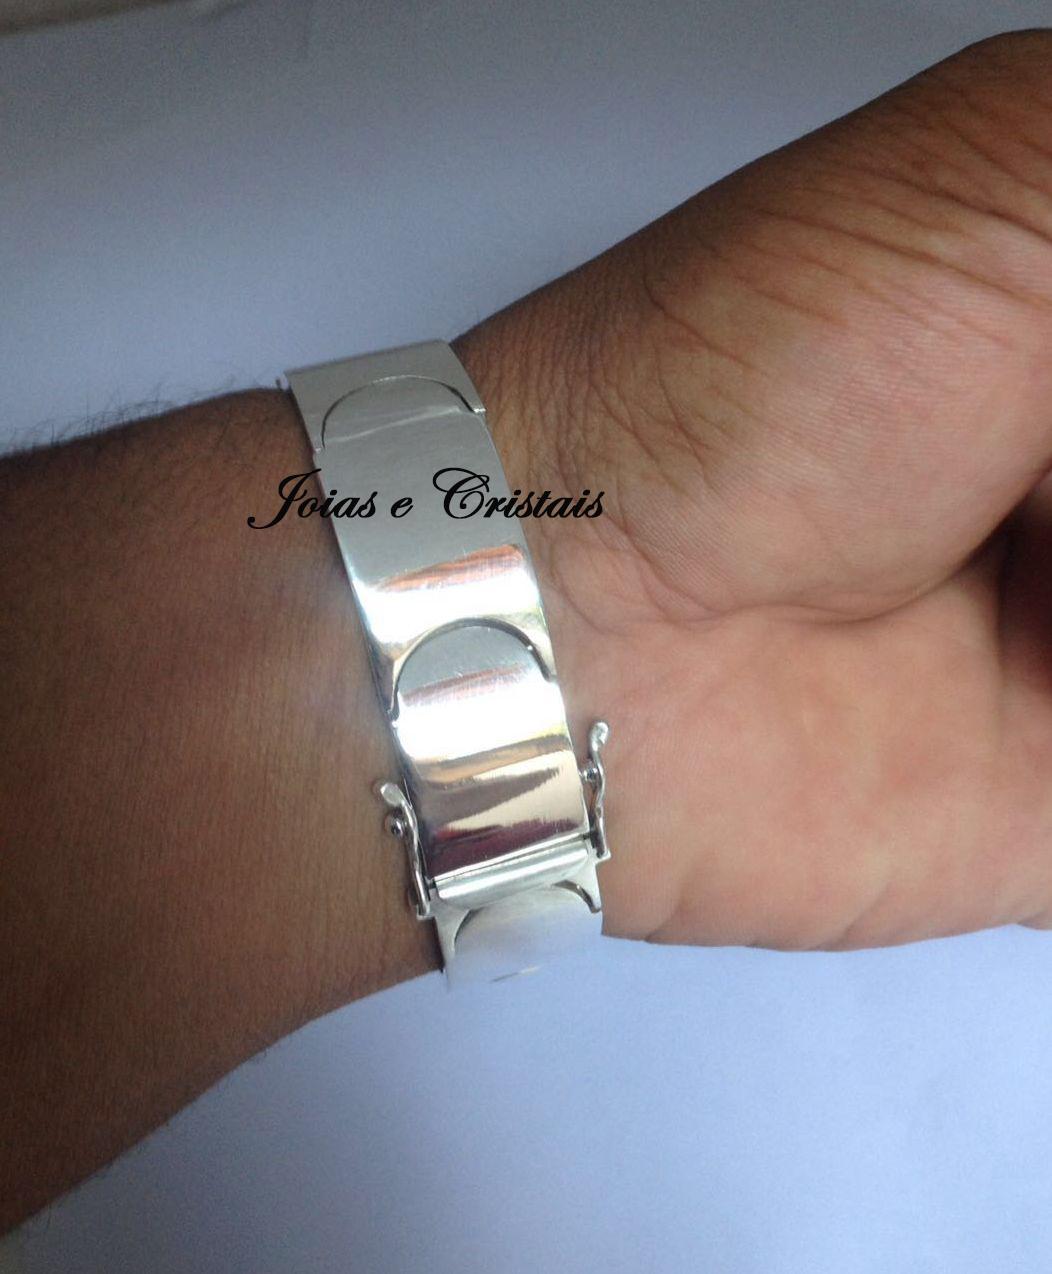 4d456633bc6c0 Bracelete Pulseira Masculino Prata 950 no Elo7